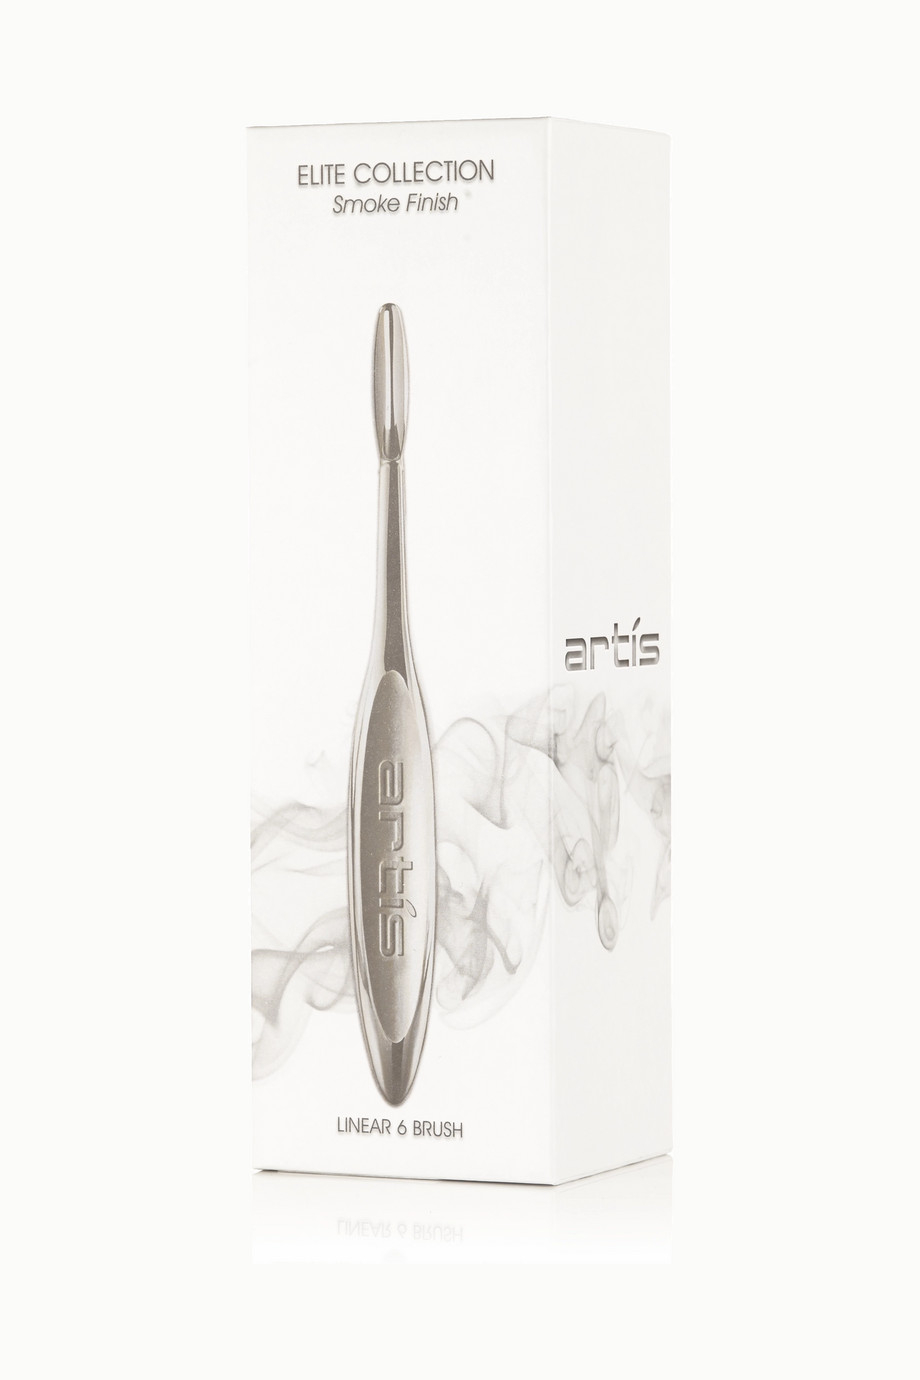 Artis Brush Next Generation Elite Smoke Linear 6 Brush